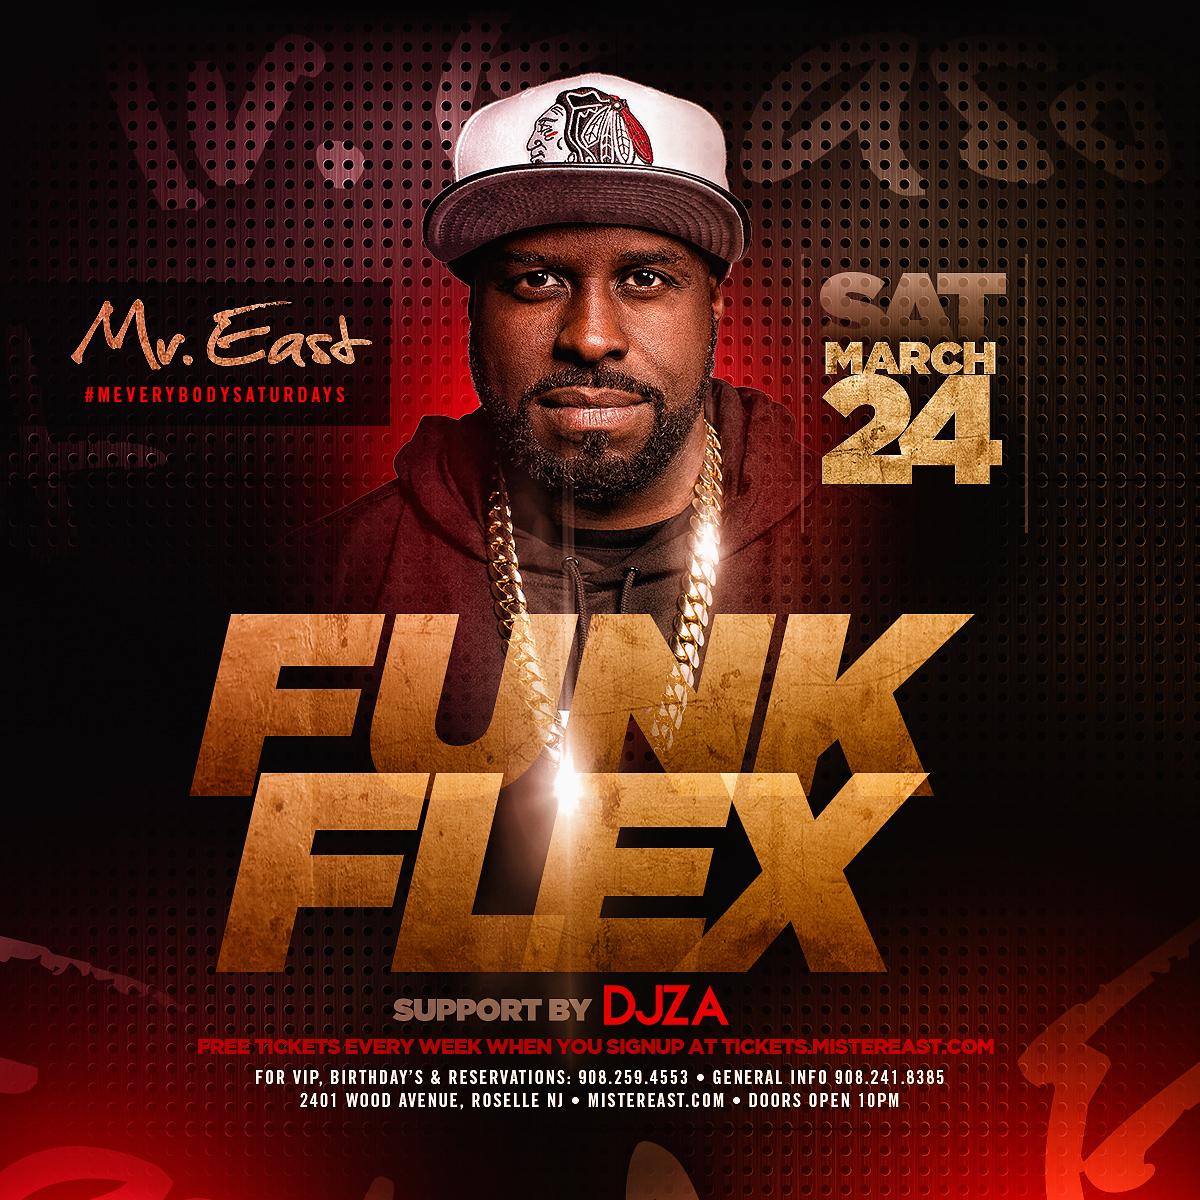 MRE---MAR24---FUNK-FLEX__1200x1200.jpg